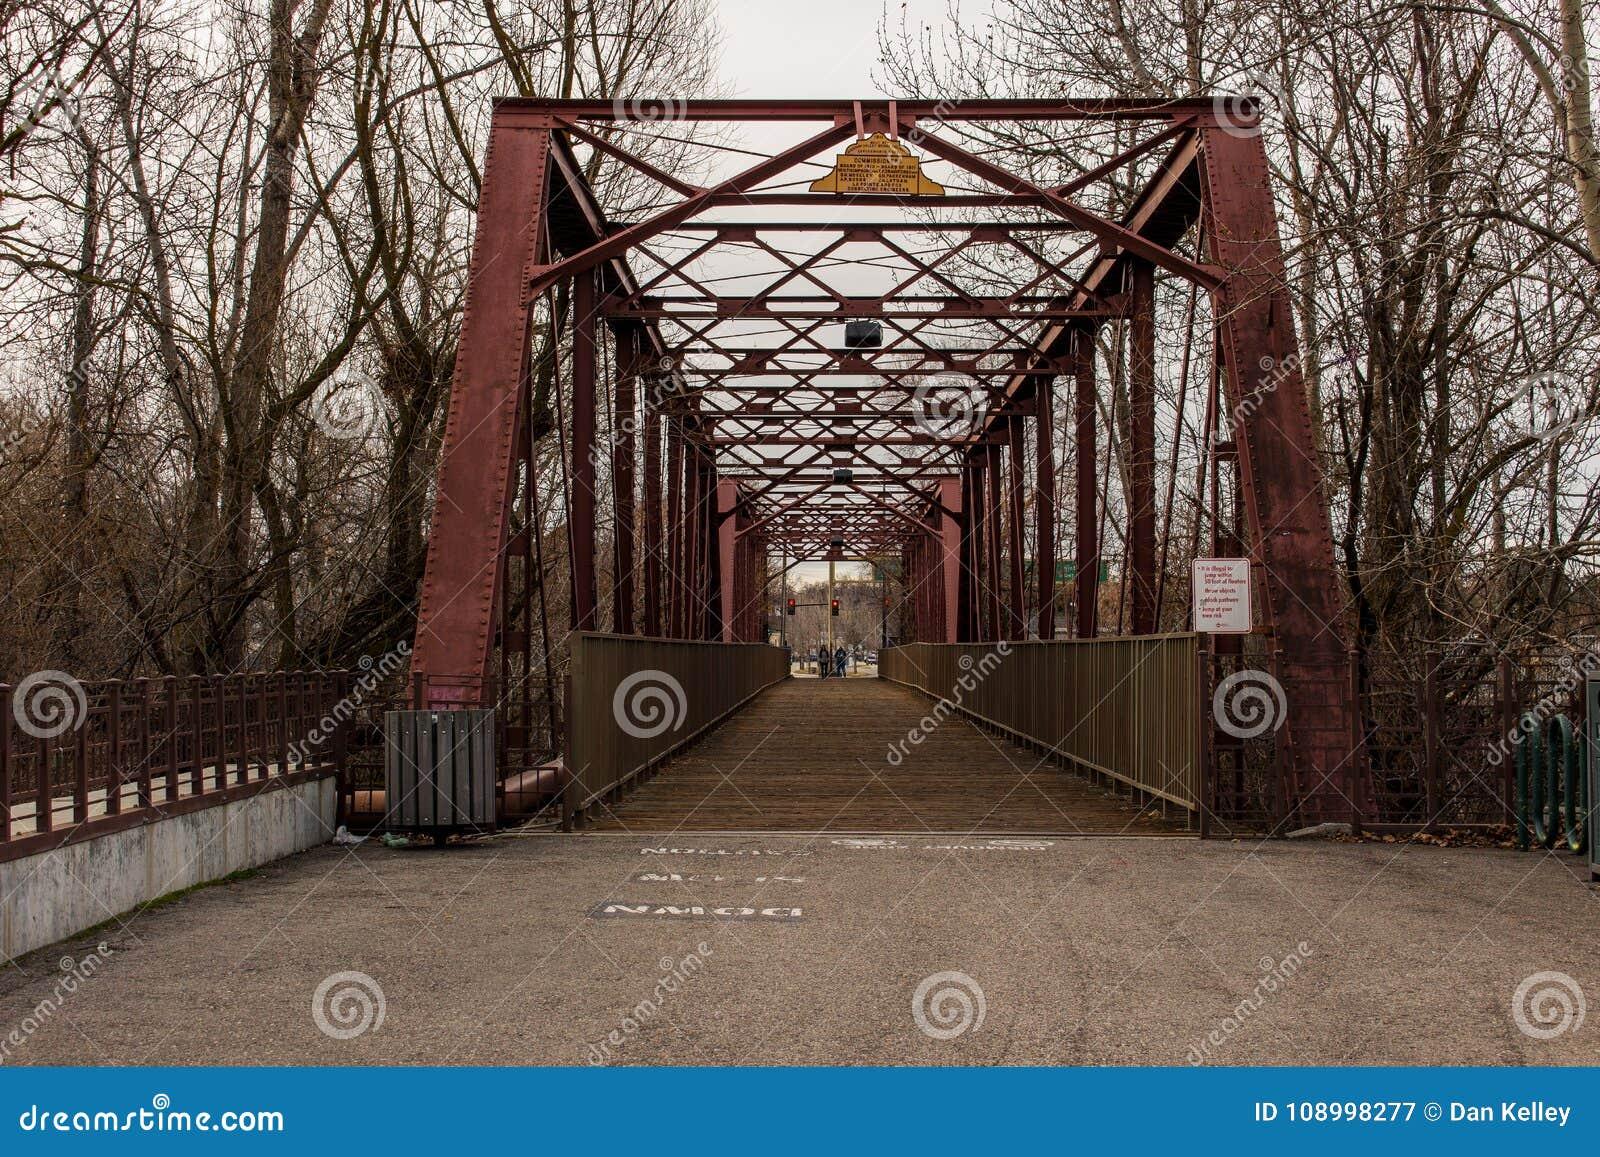 Γέφυρα ποδιών στο μνημείο των ανθρώπινων δικαιωμάτων του Αϊντάχο Ann Frank